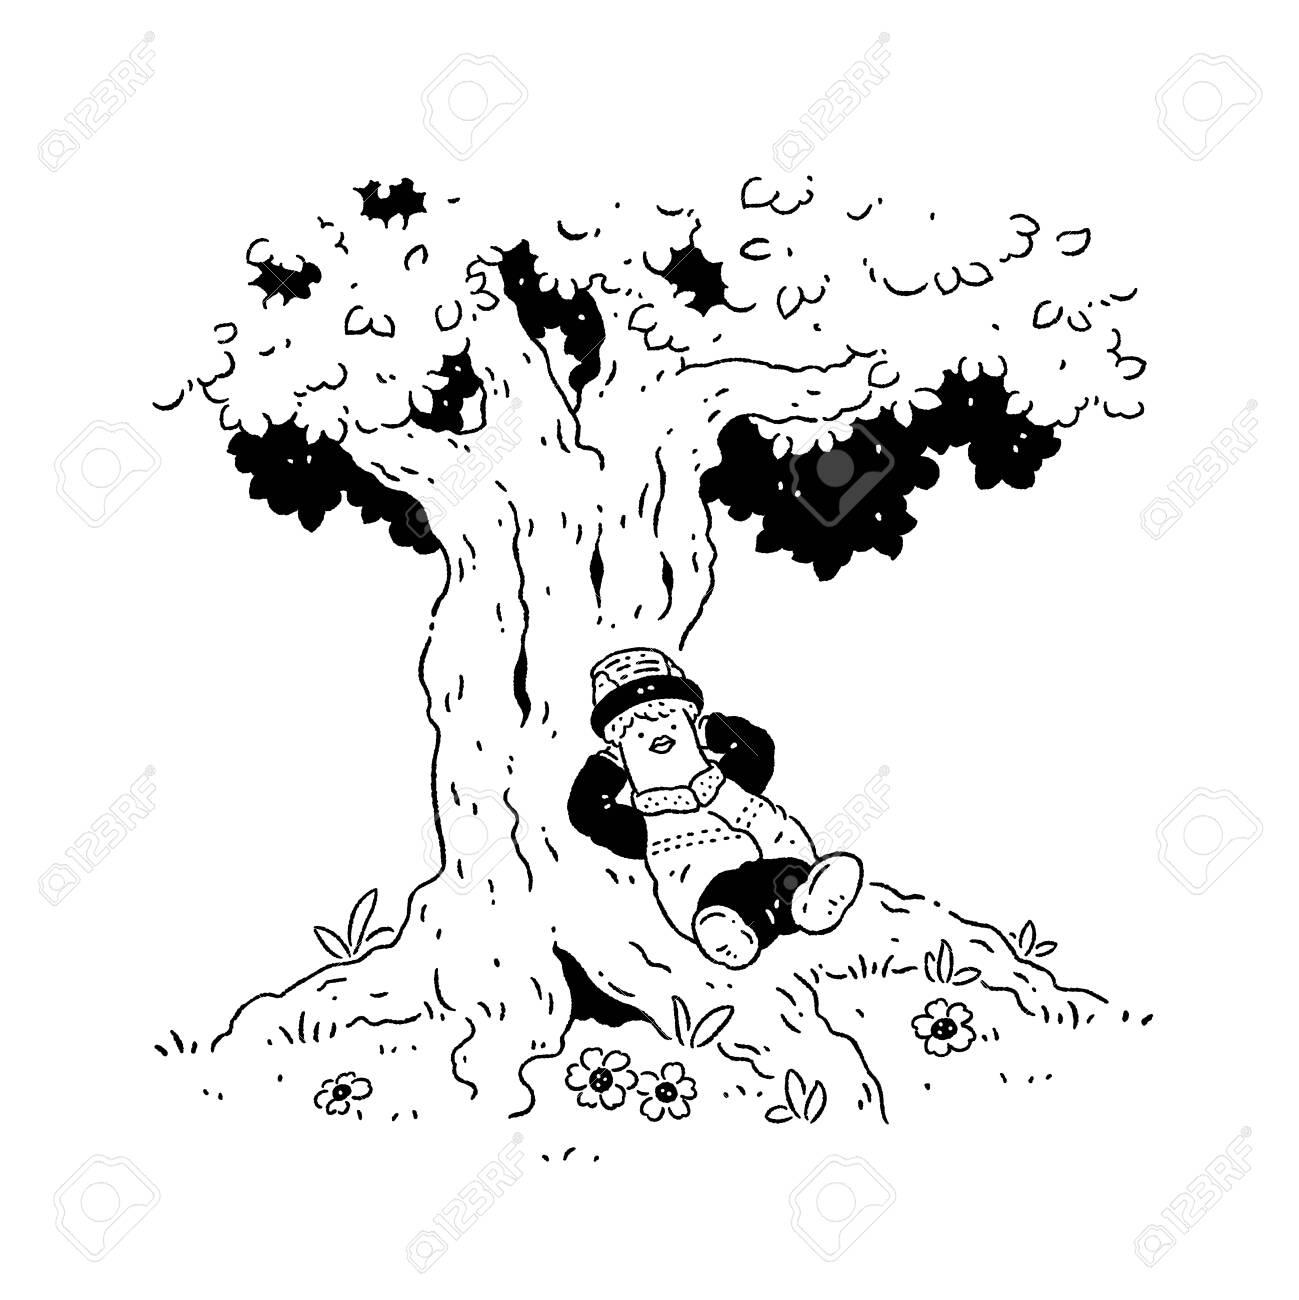 Boy resting under a tree - 128854695